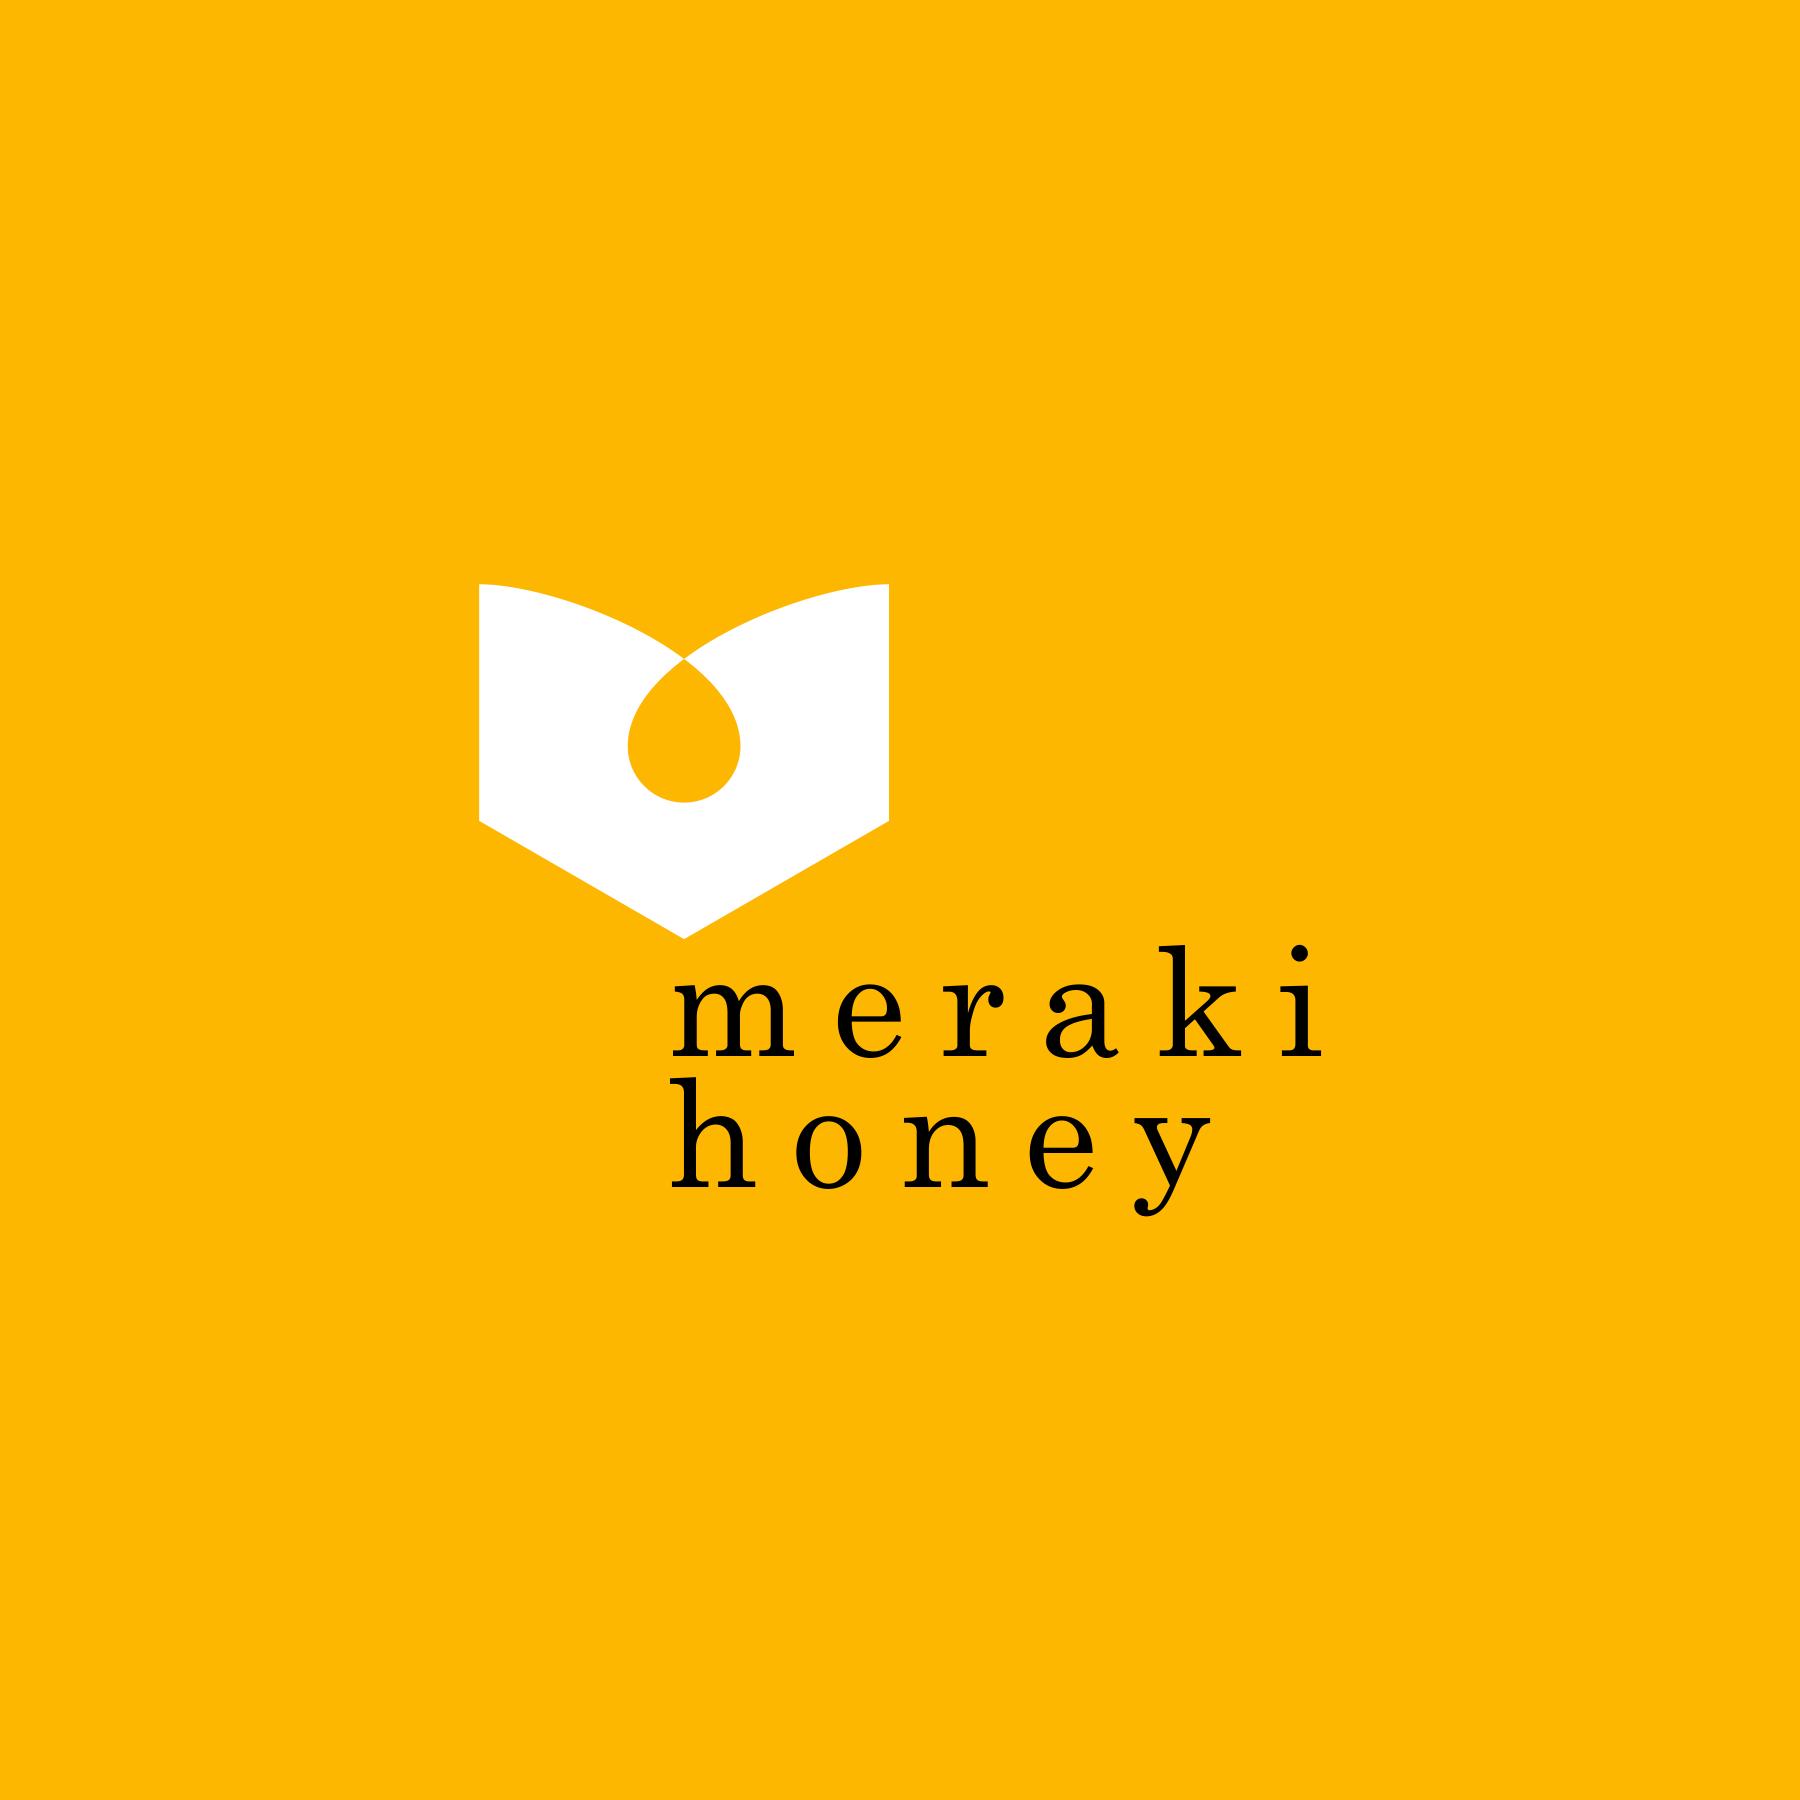 4 dhaval modi meraki honey packaging designer ahmedabad.png